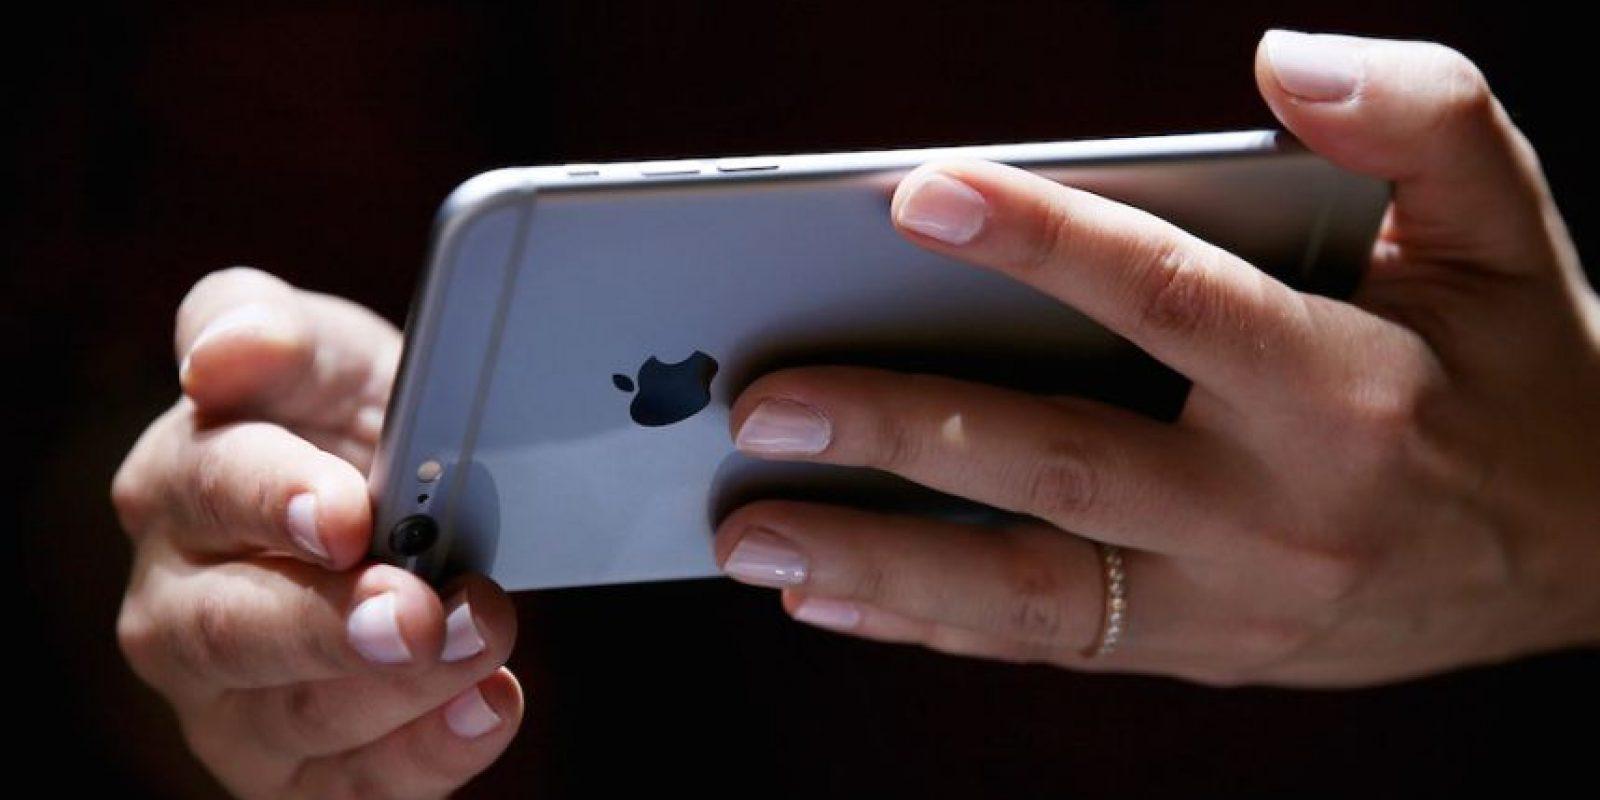 Ver pornografía es solamente uno de los tantos usos que le pueden dar a su iPhone. Foto:Getty Images